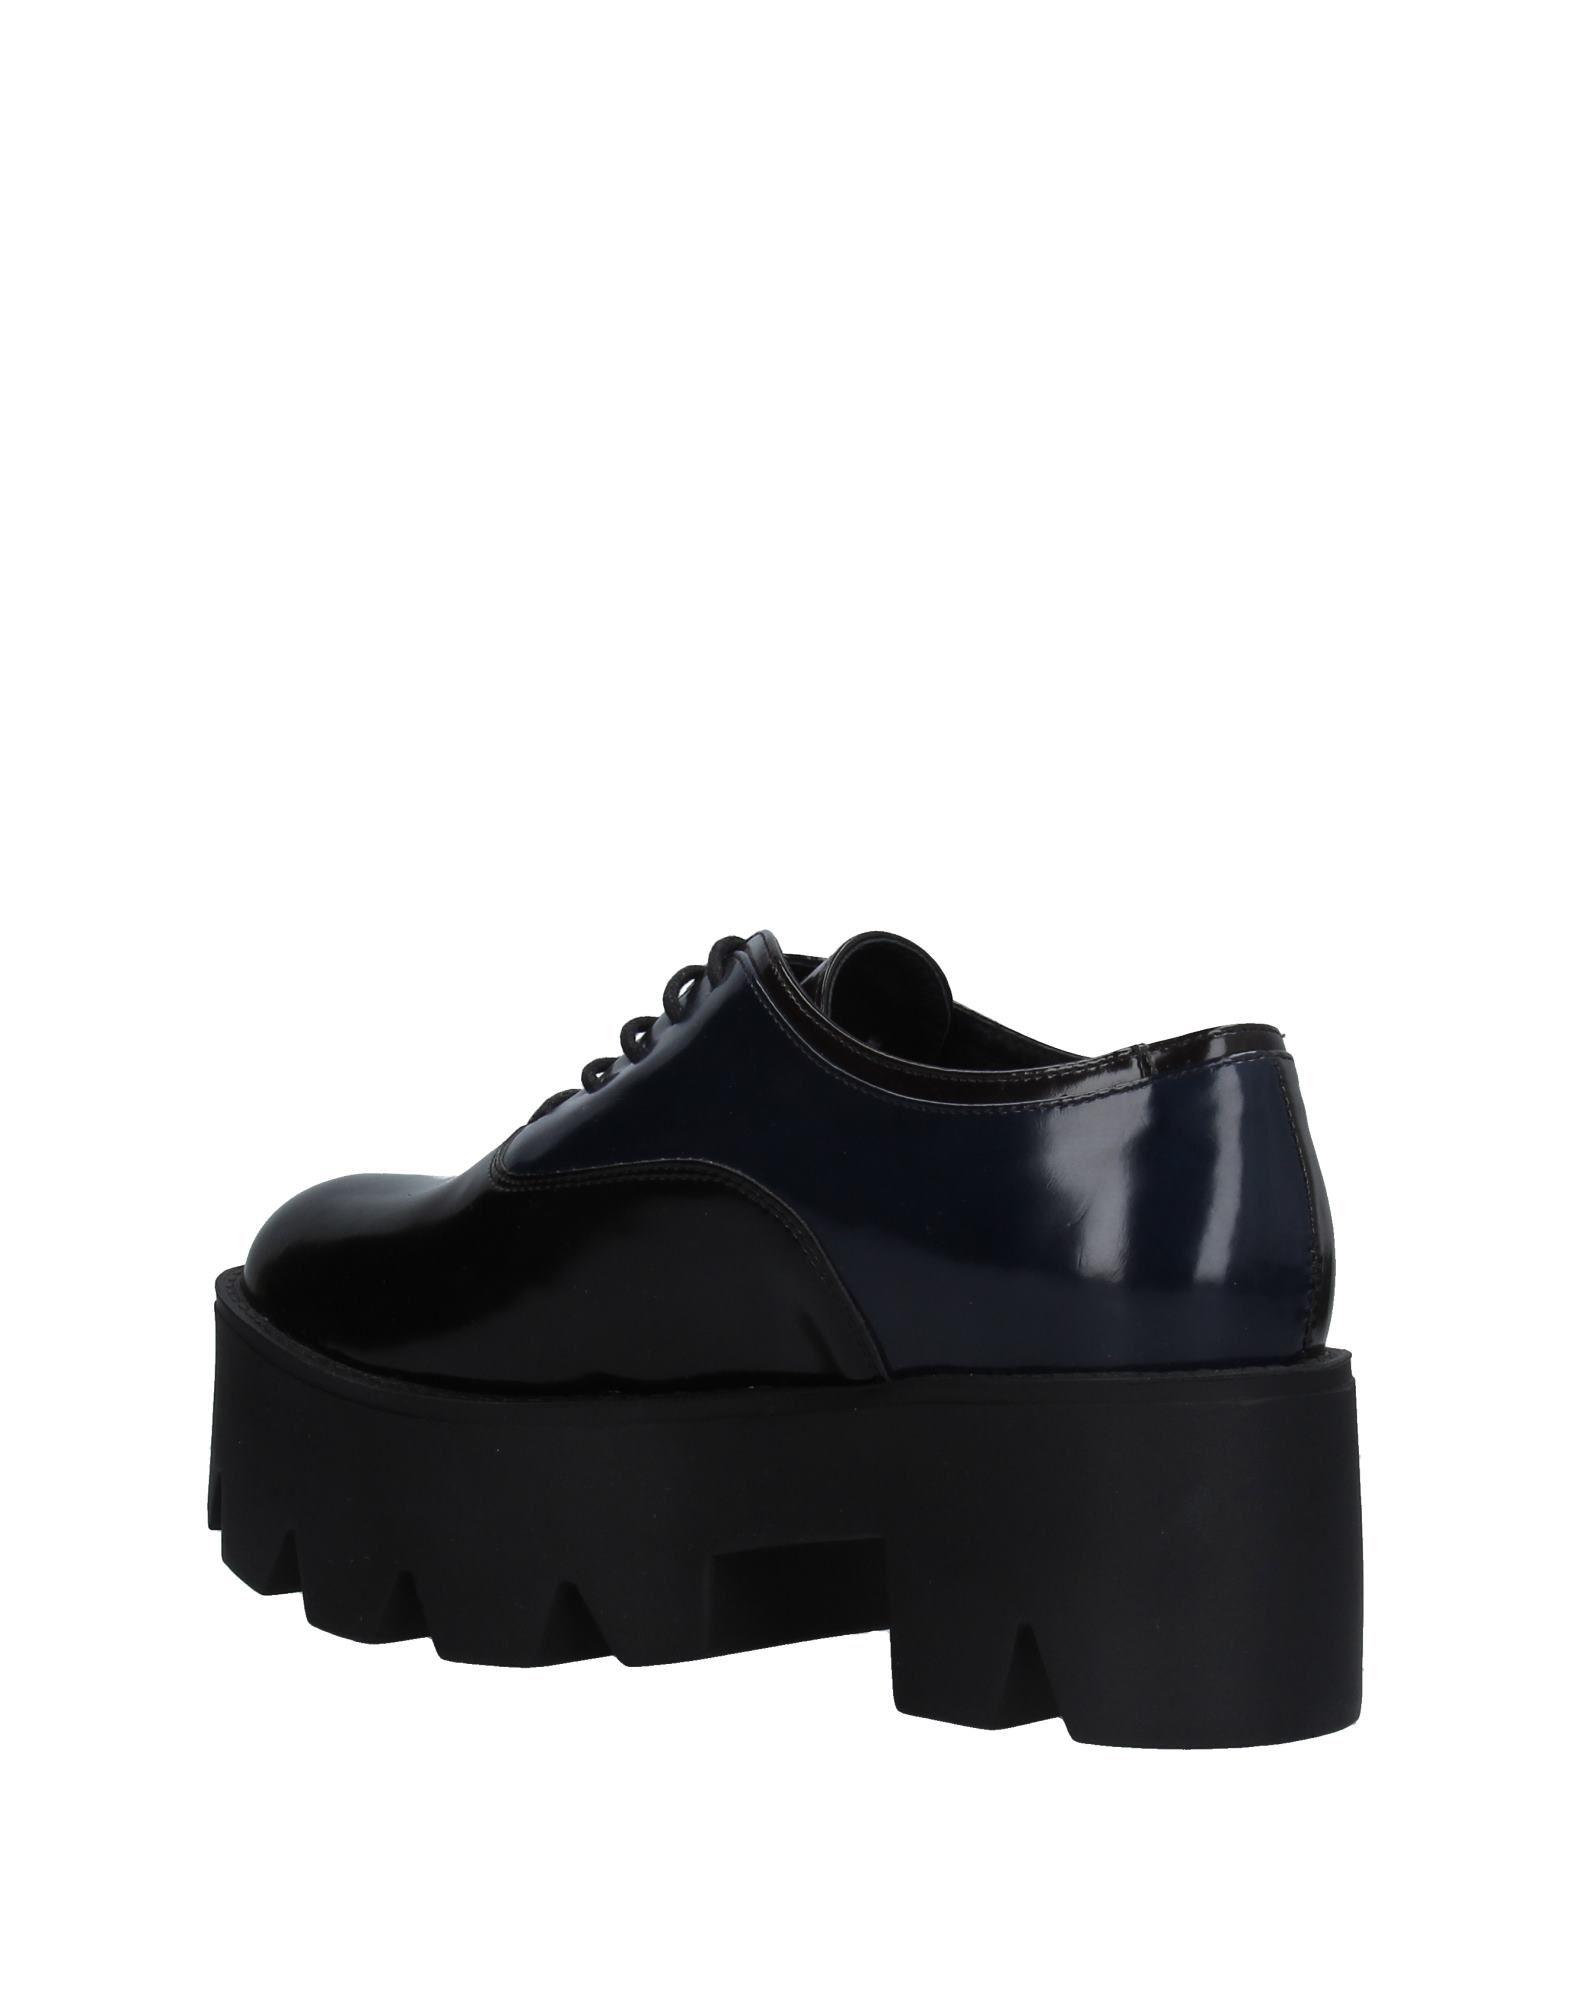 Tipe E Tacchi Schnürschuhe Damen  11266200FJ 11266200FJ 11266200FJ Gute Qualität beliebte Schuhe e51d45